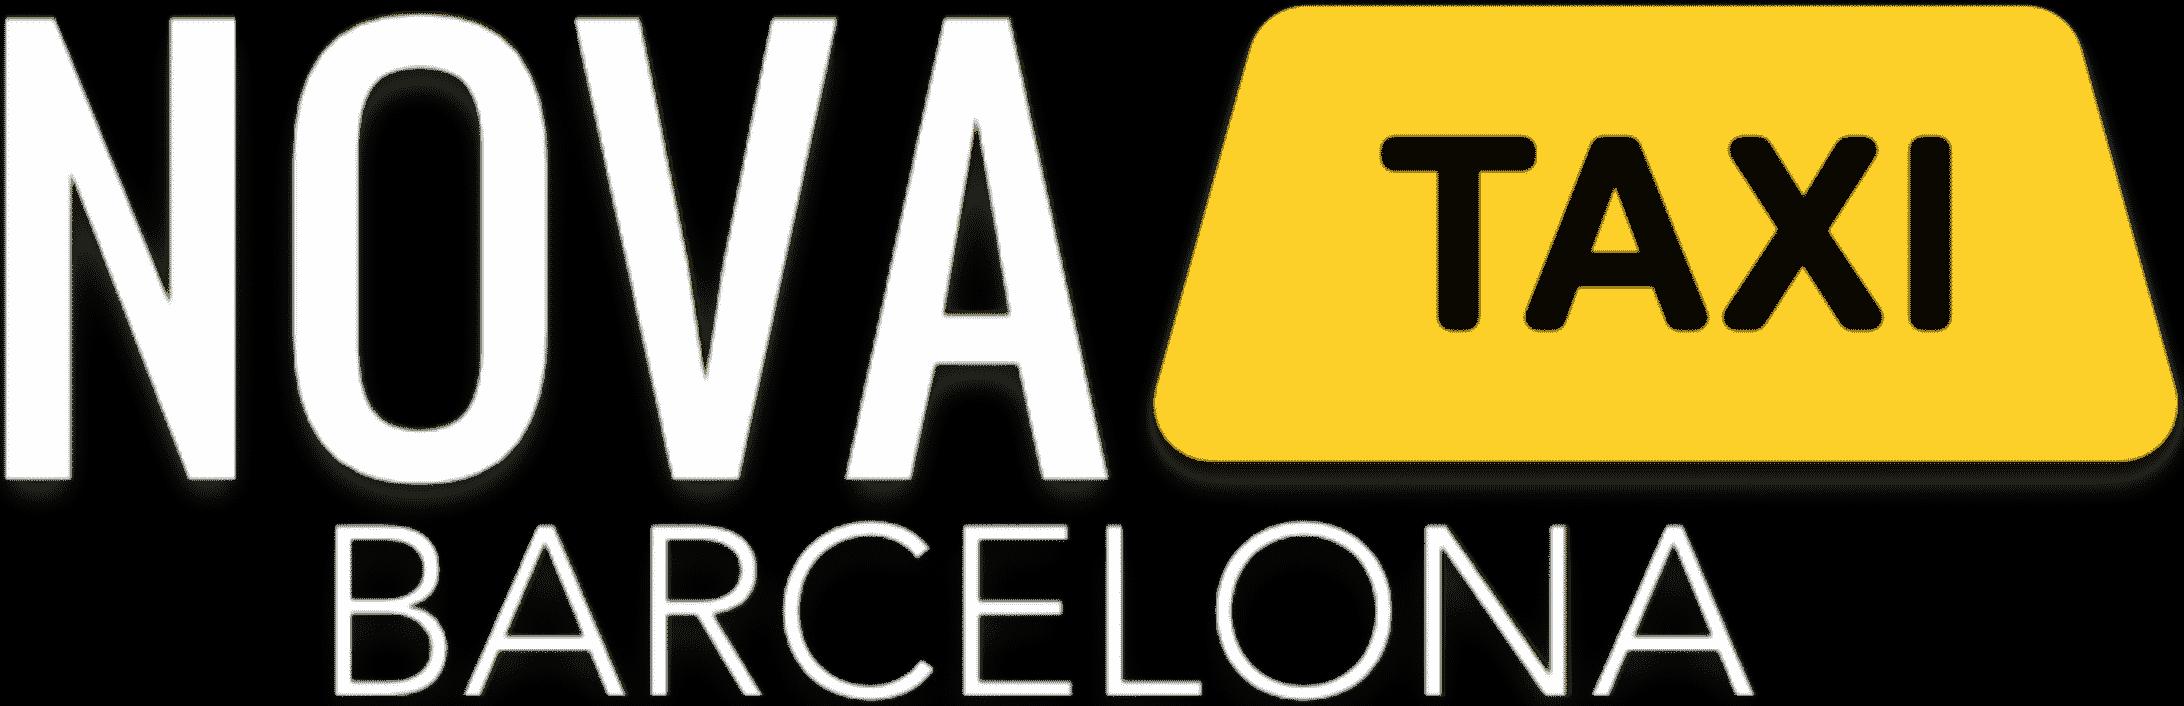 NovaTaxi Barcelona